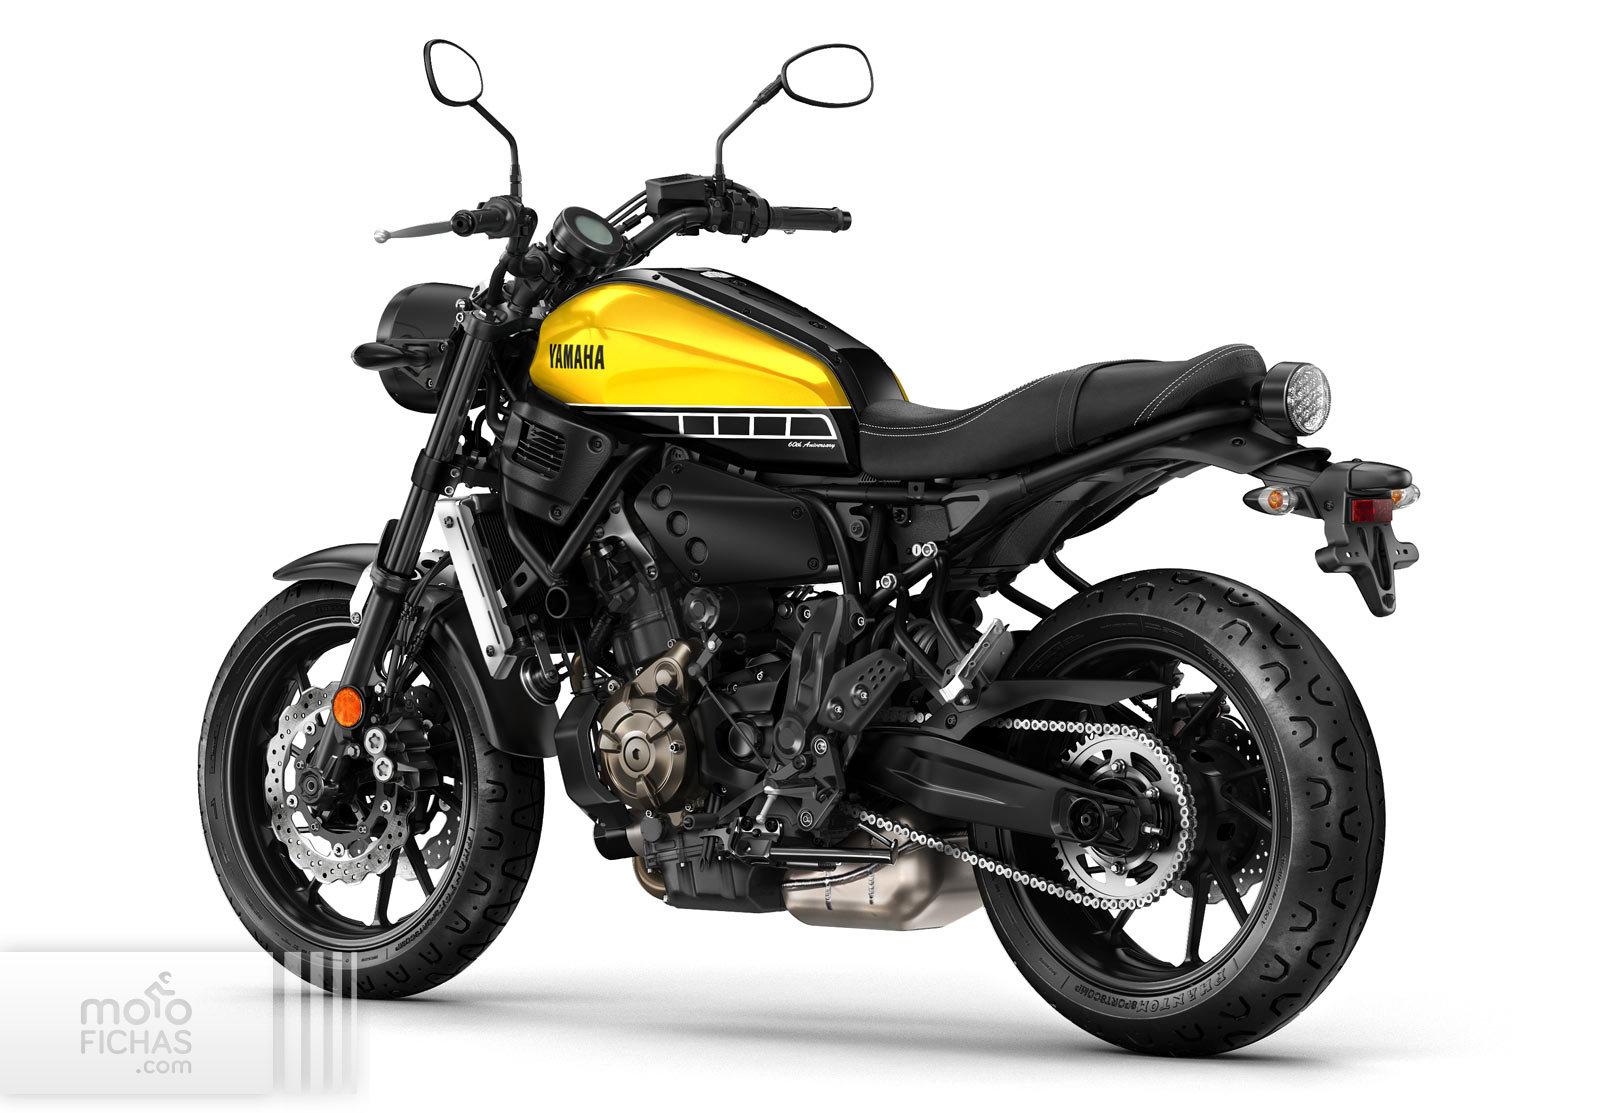 Yamaha YZF-R125 2019-2020 precio ficha opiniones y ofertas